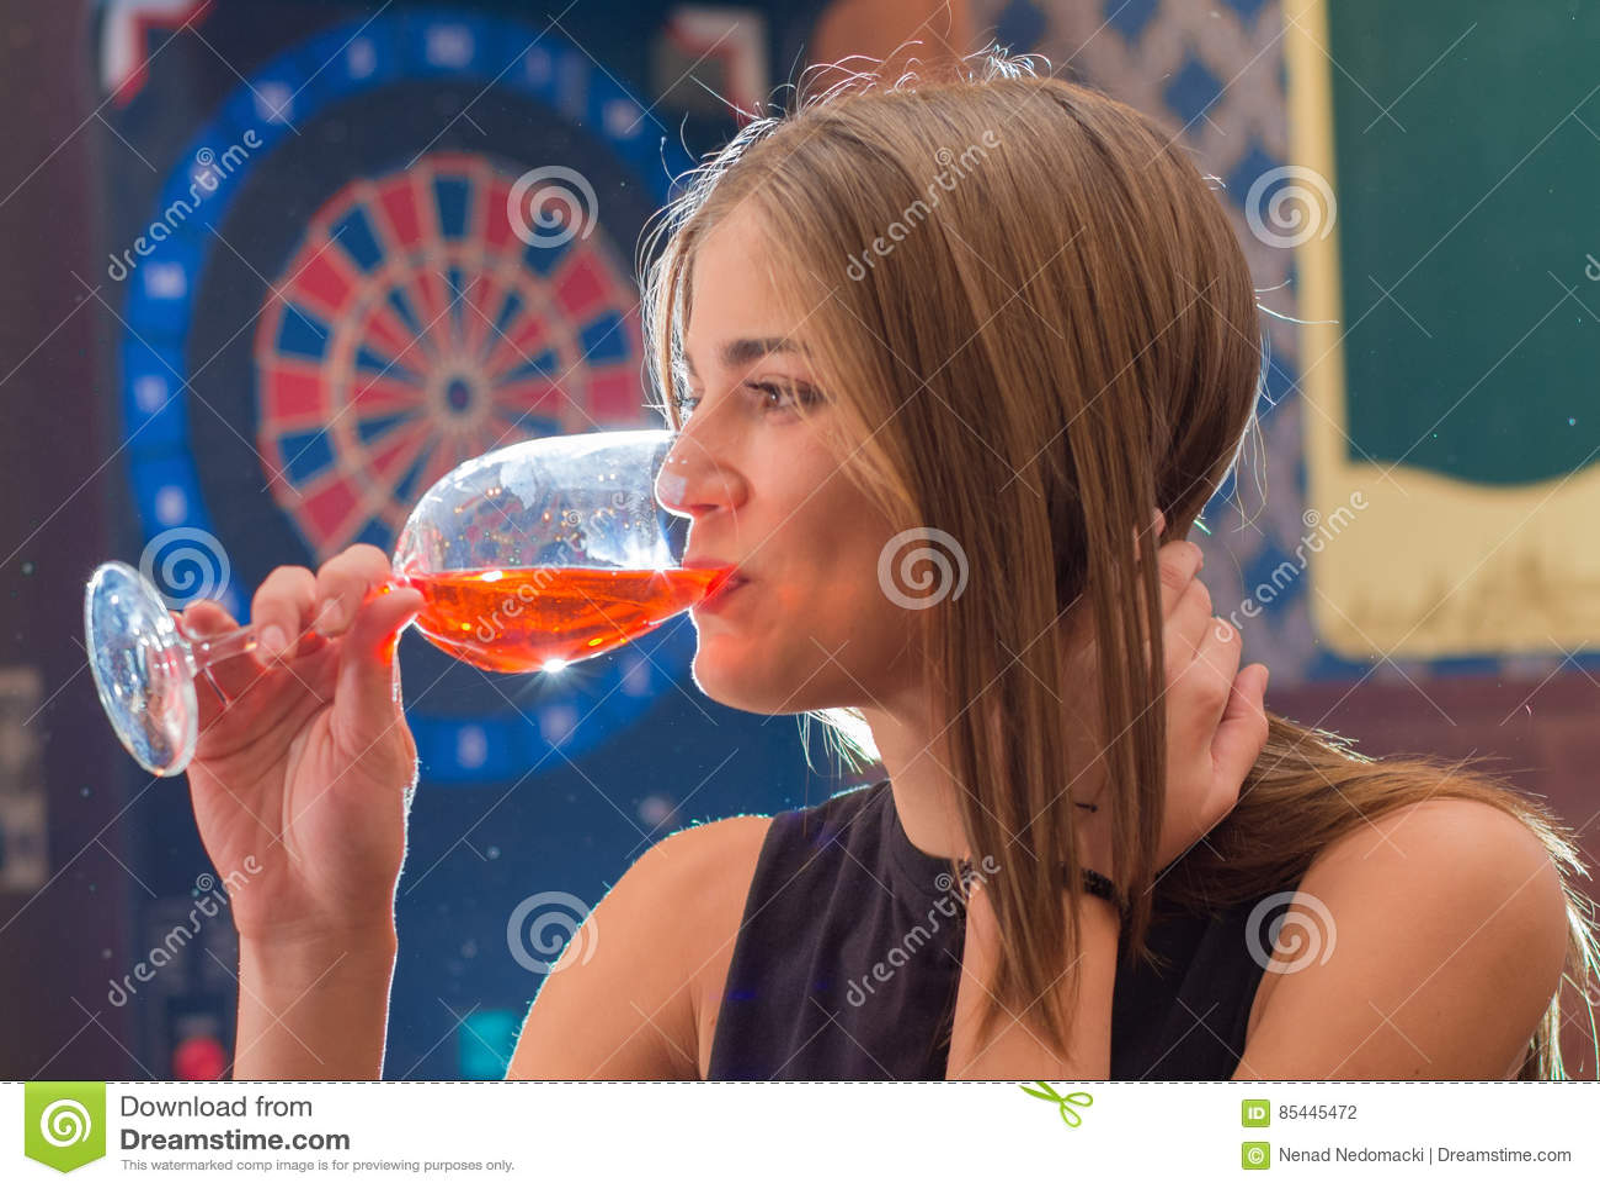 La mujer hermosa joven se relaja en club de noche